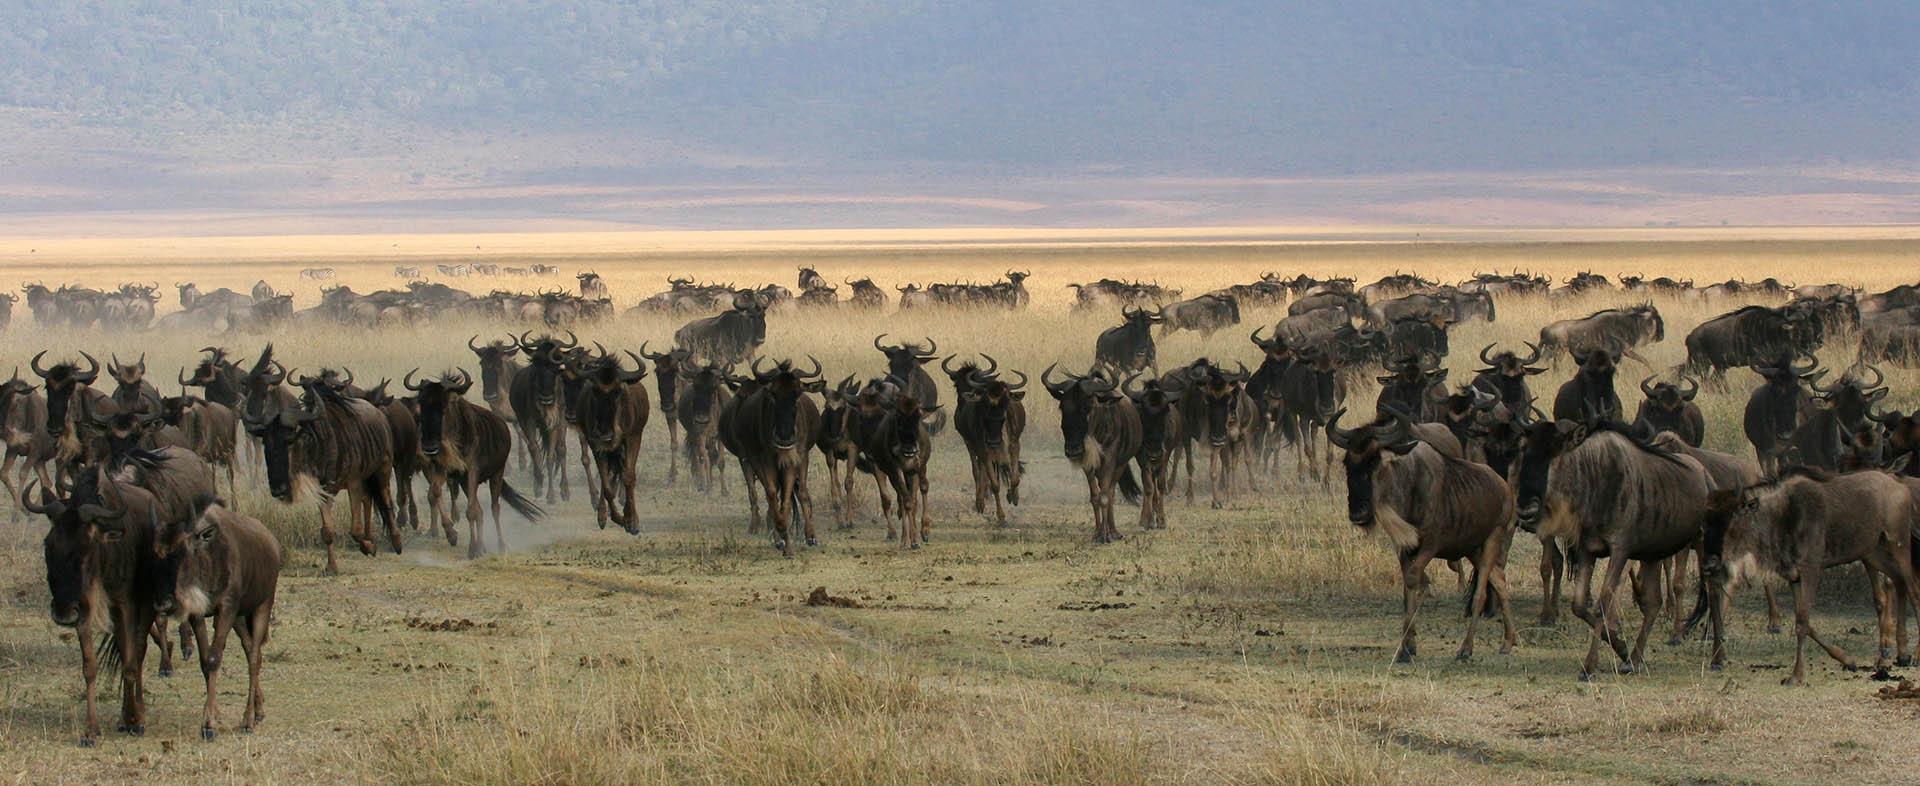 Wildebeest1